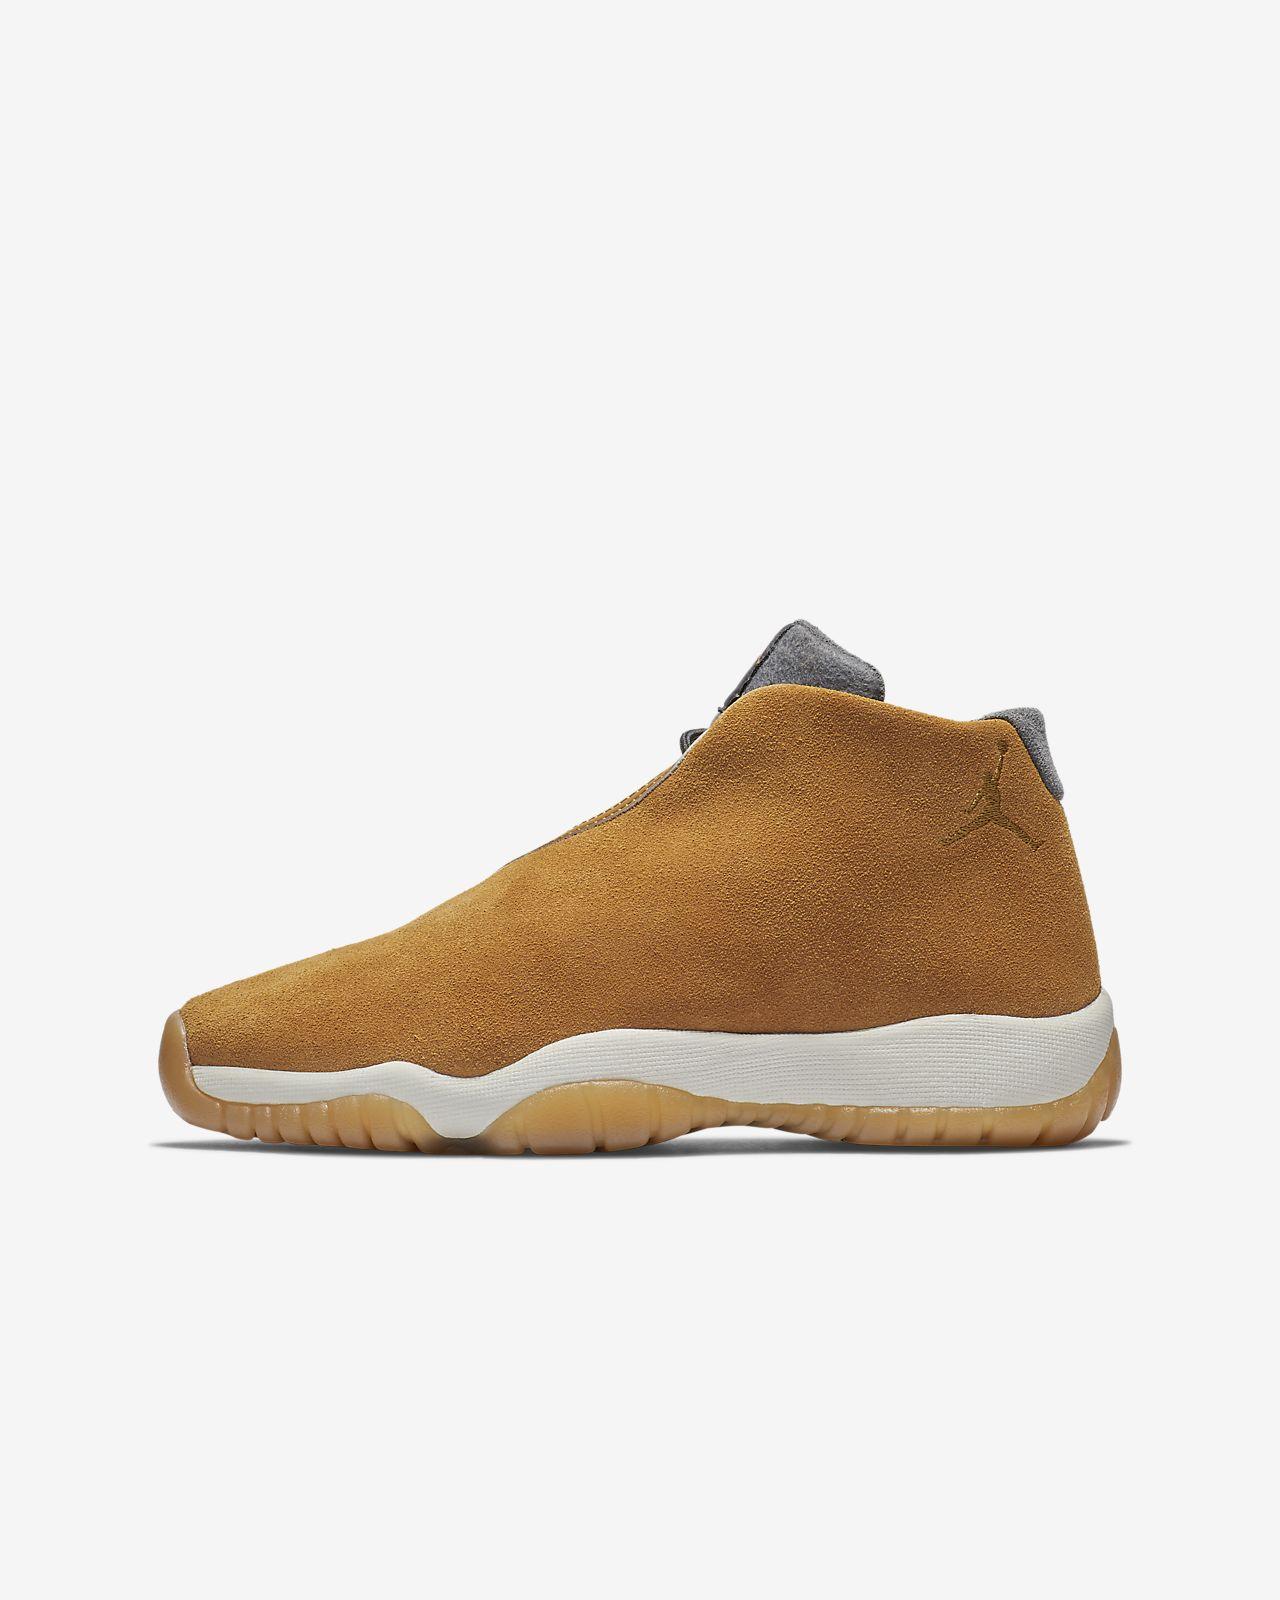 Sko Air Jordan Future för ungdom